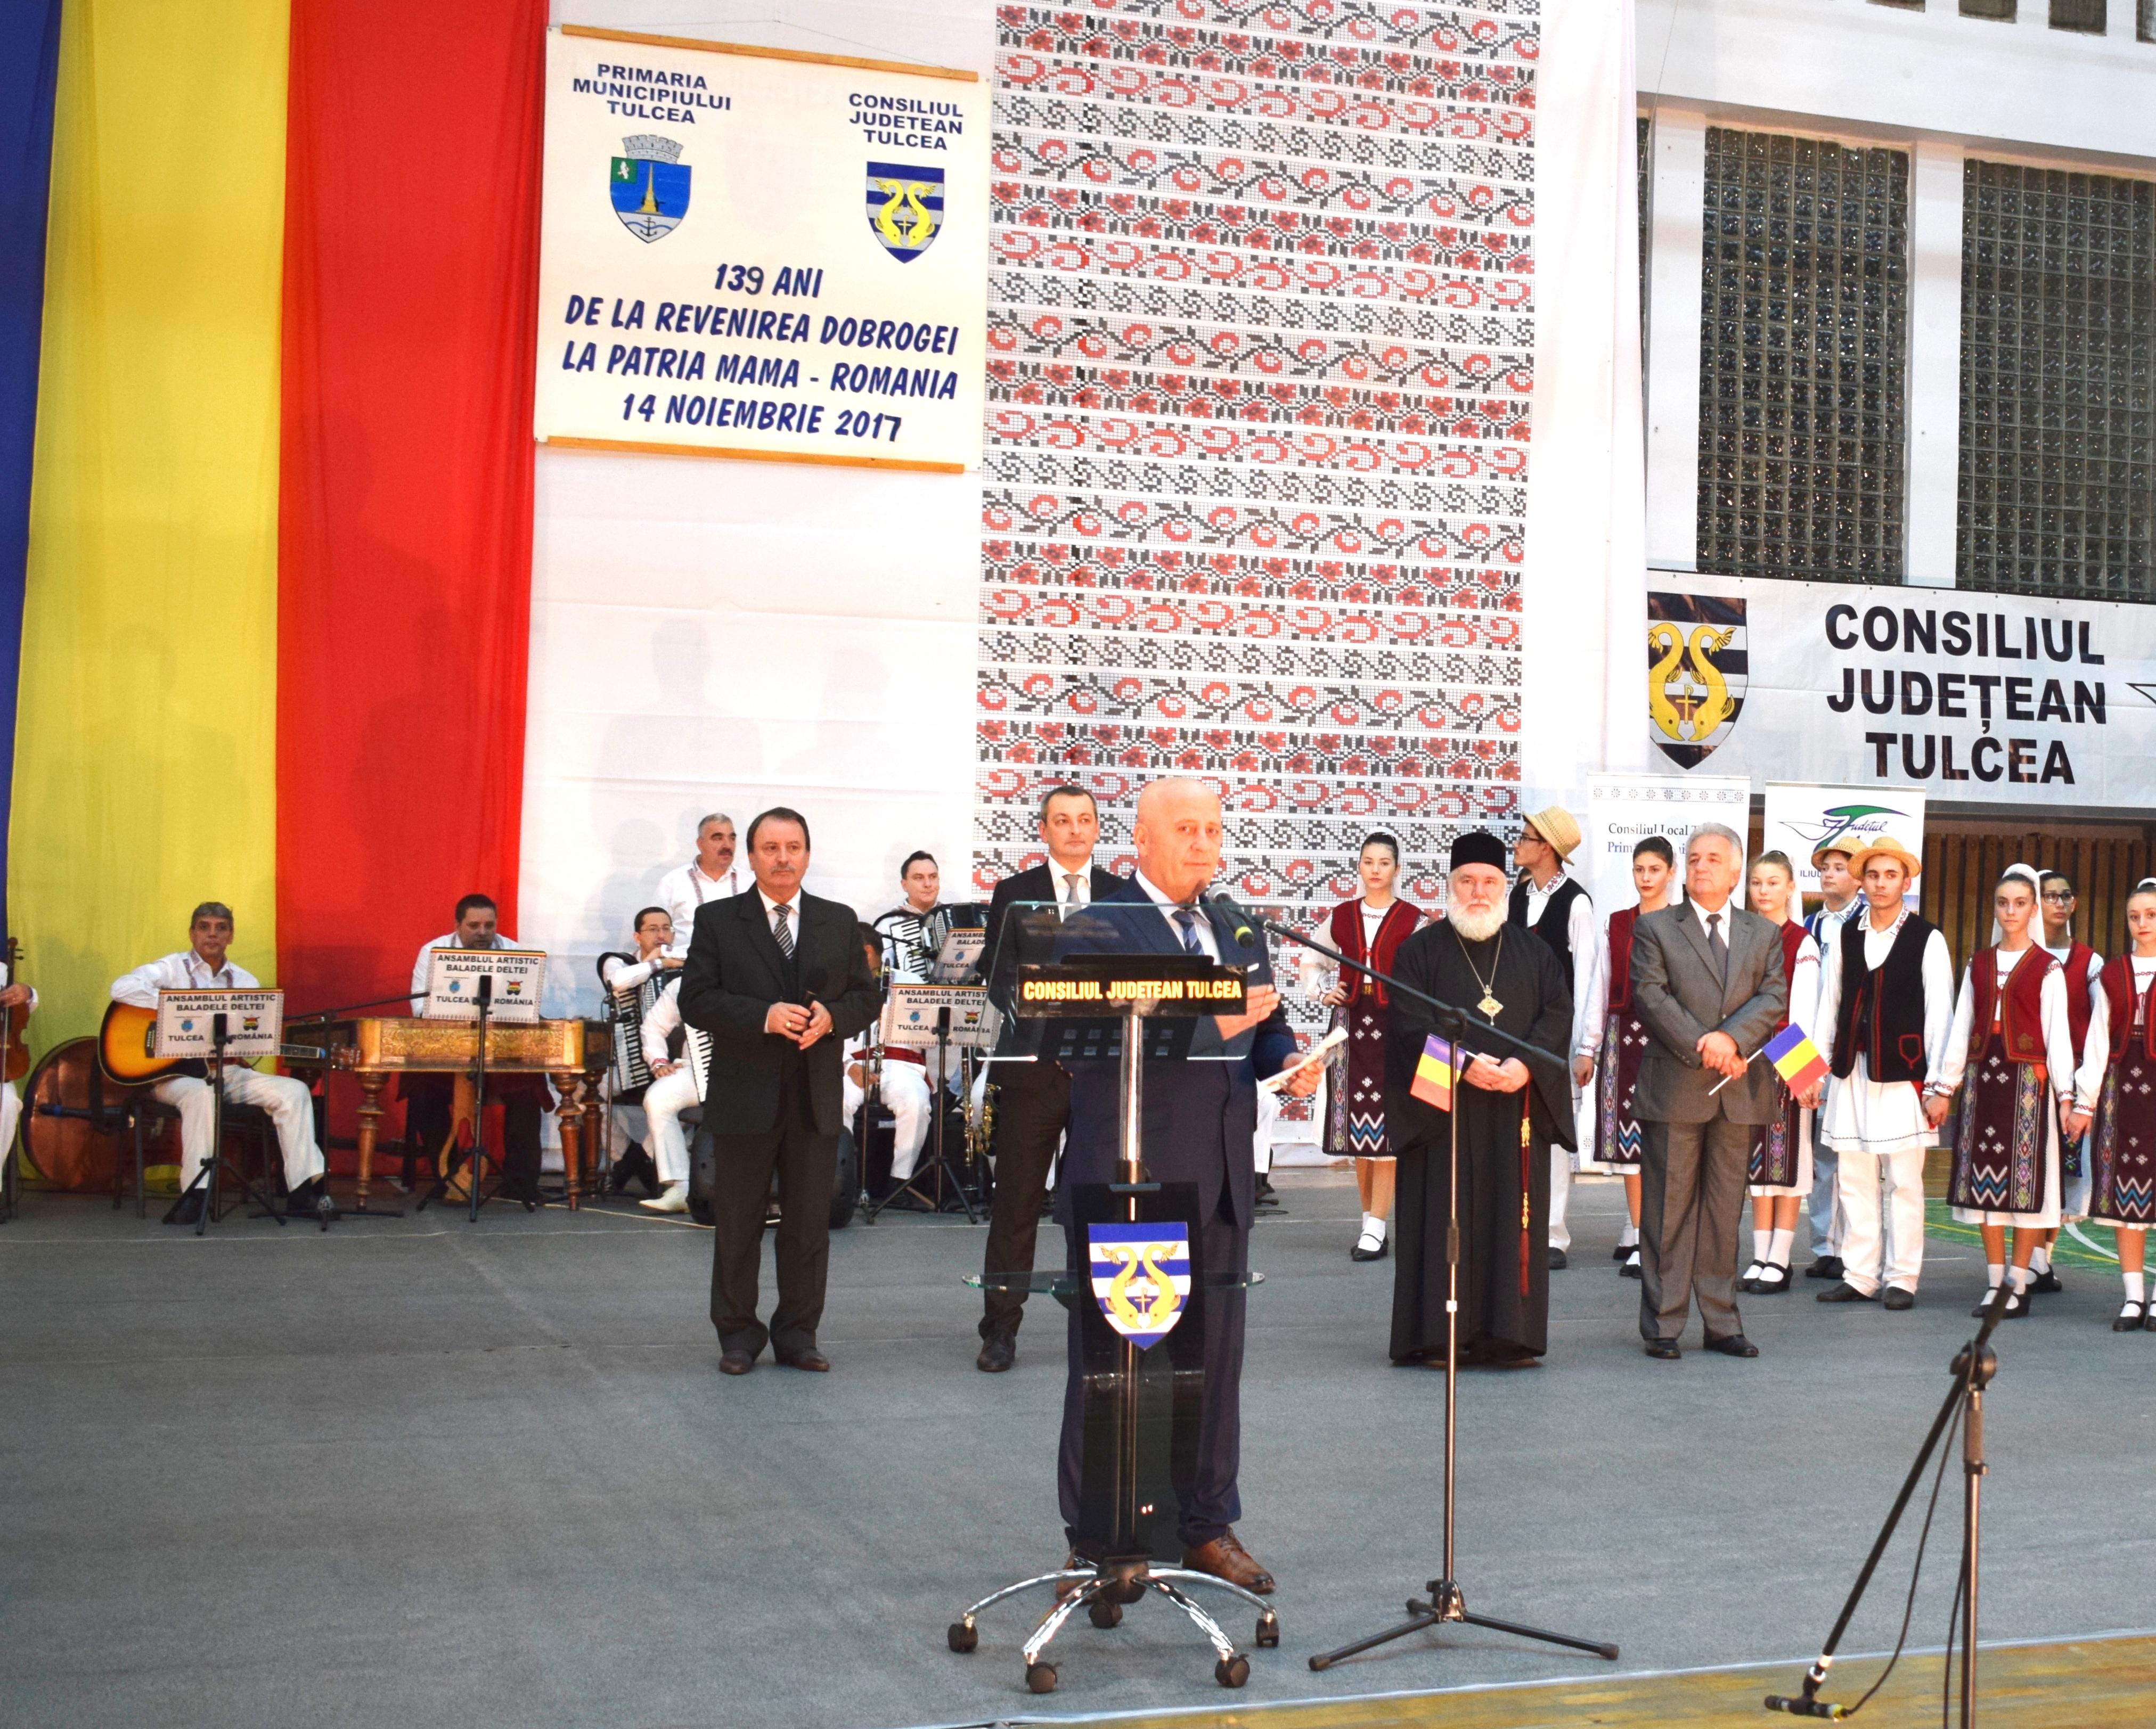 ... și Președintele Consiliului Județean, domnul Horia Teodorescu!